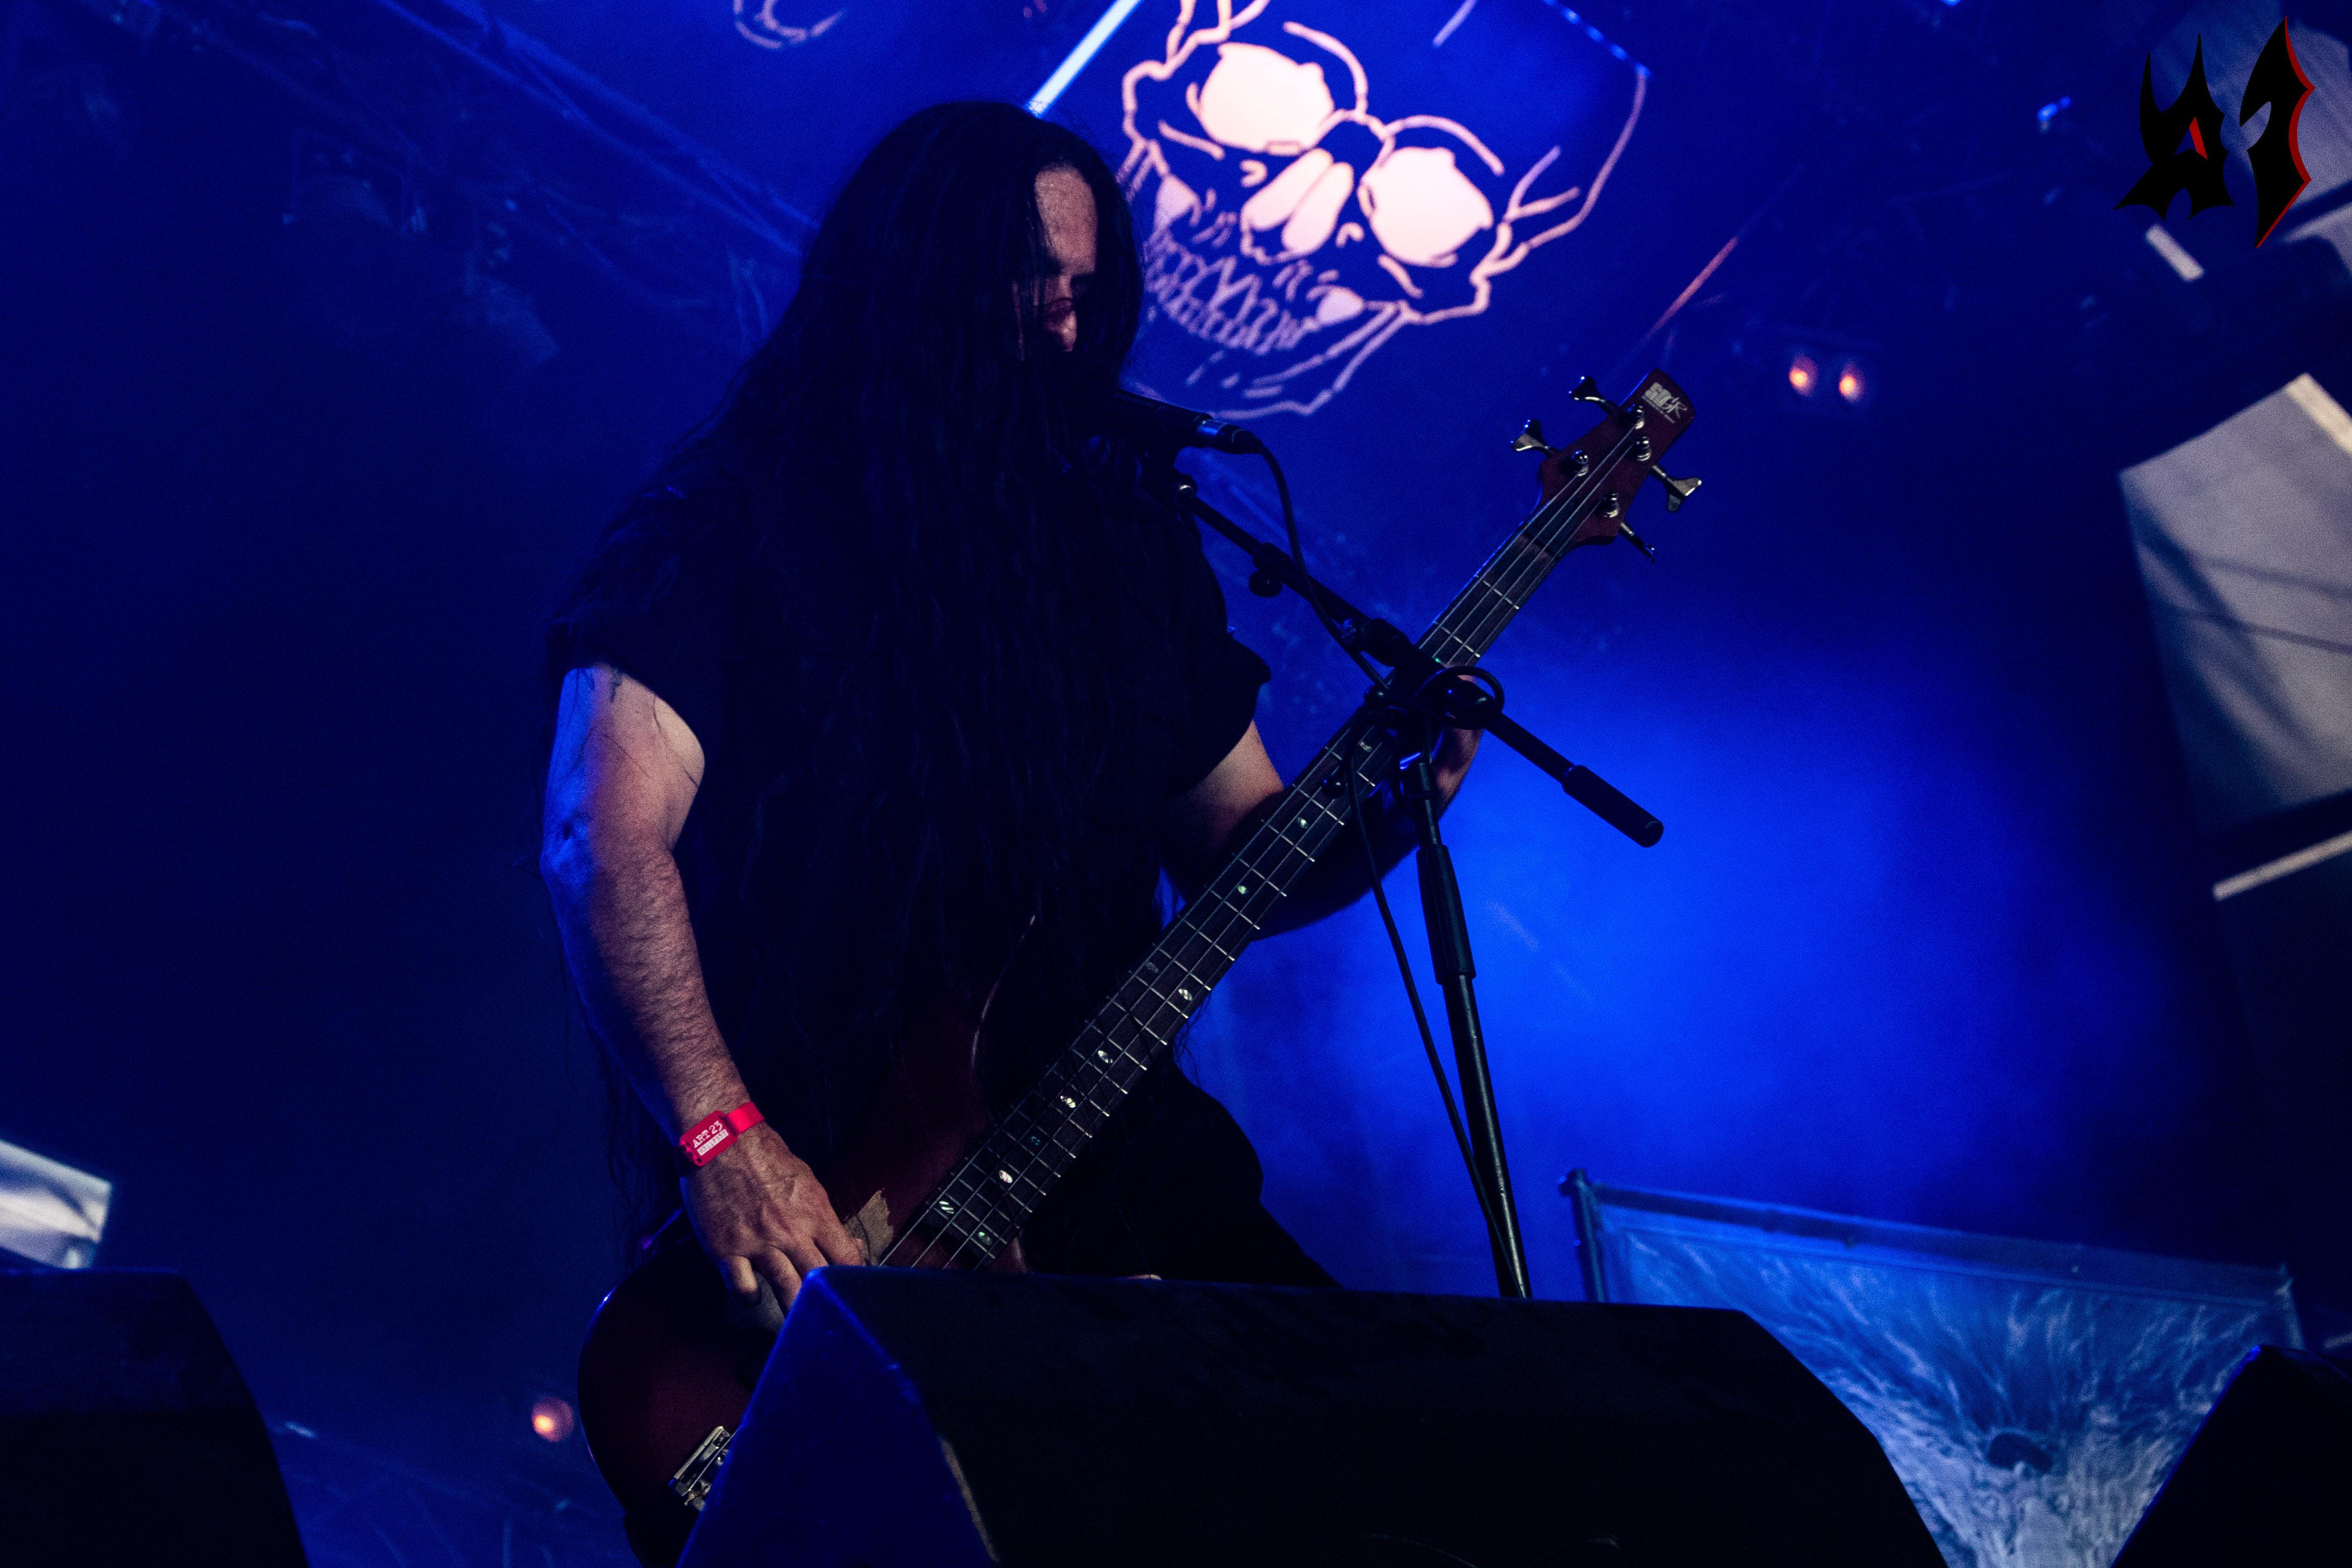 Hellfest - Immolation - 13